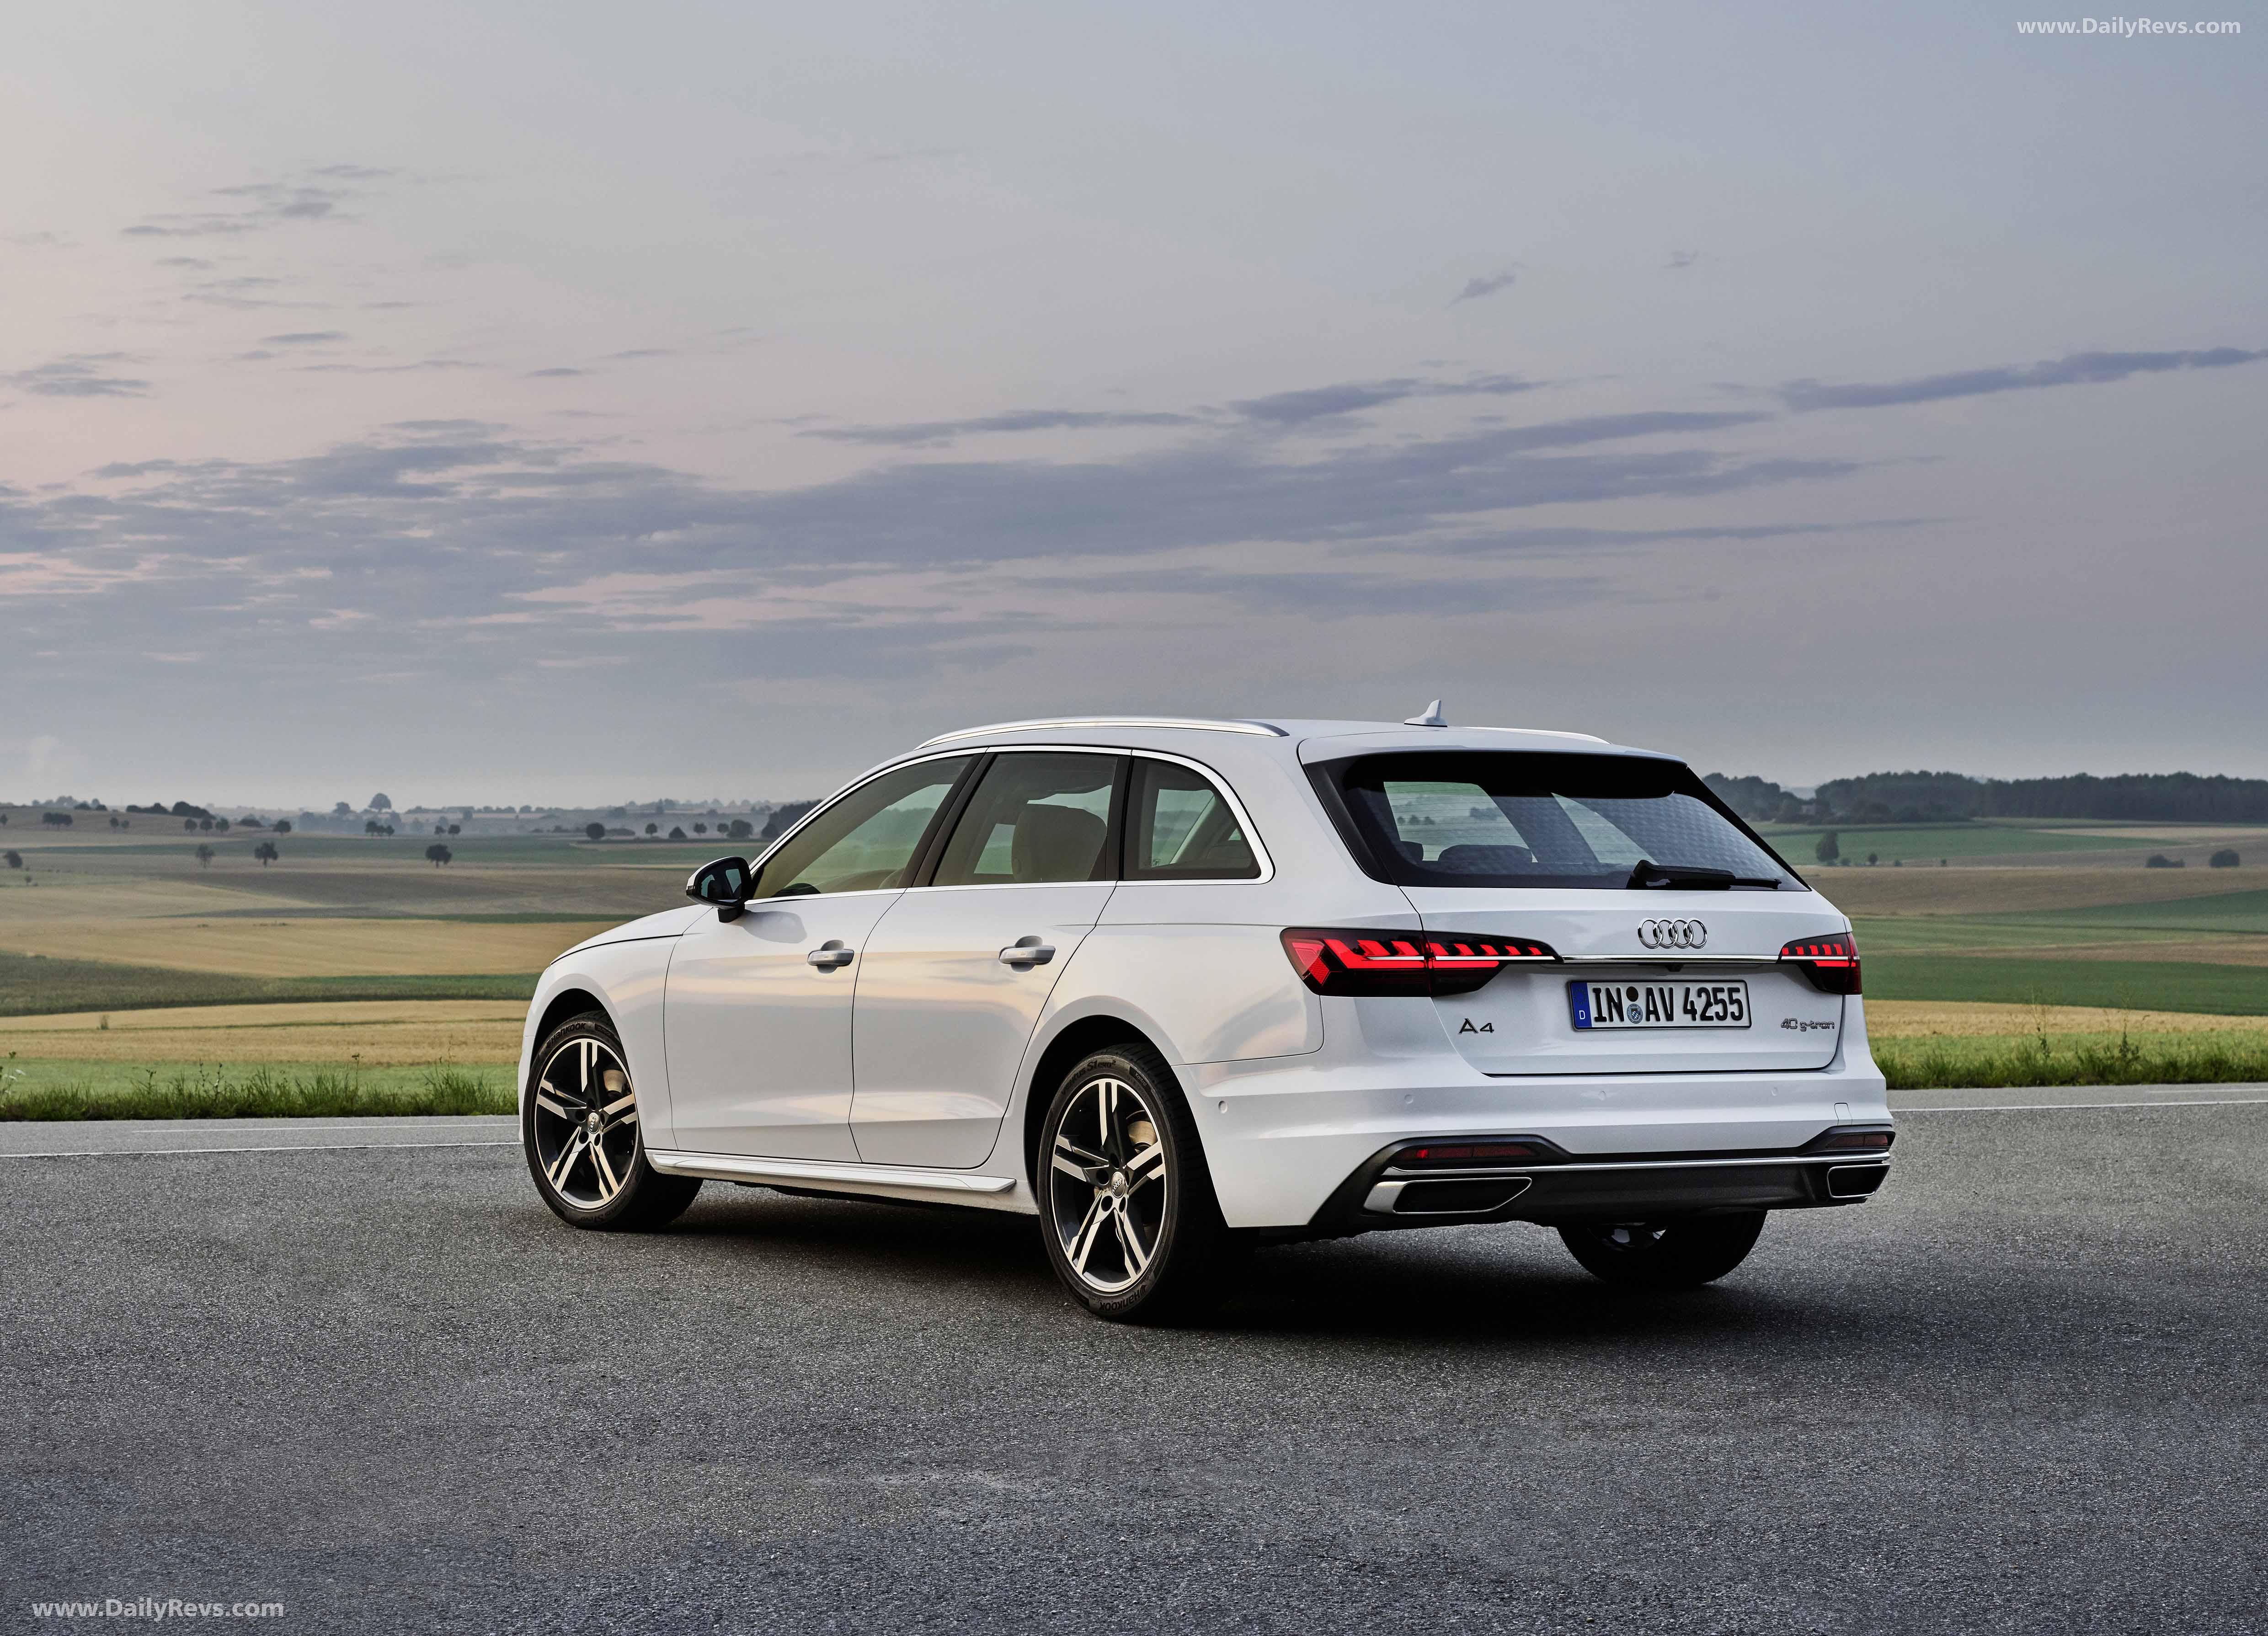 Audi A4 G Tron